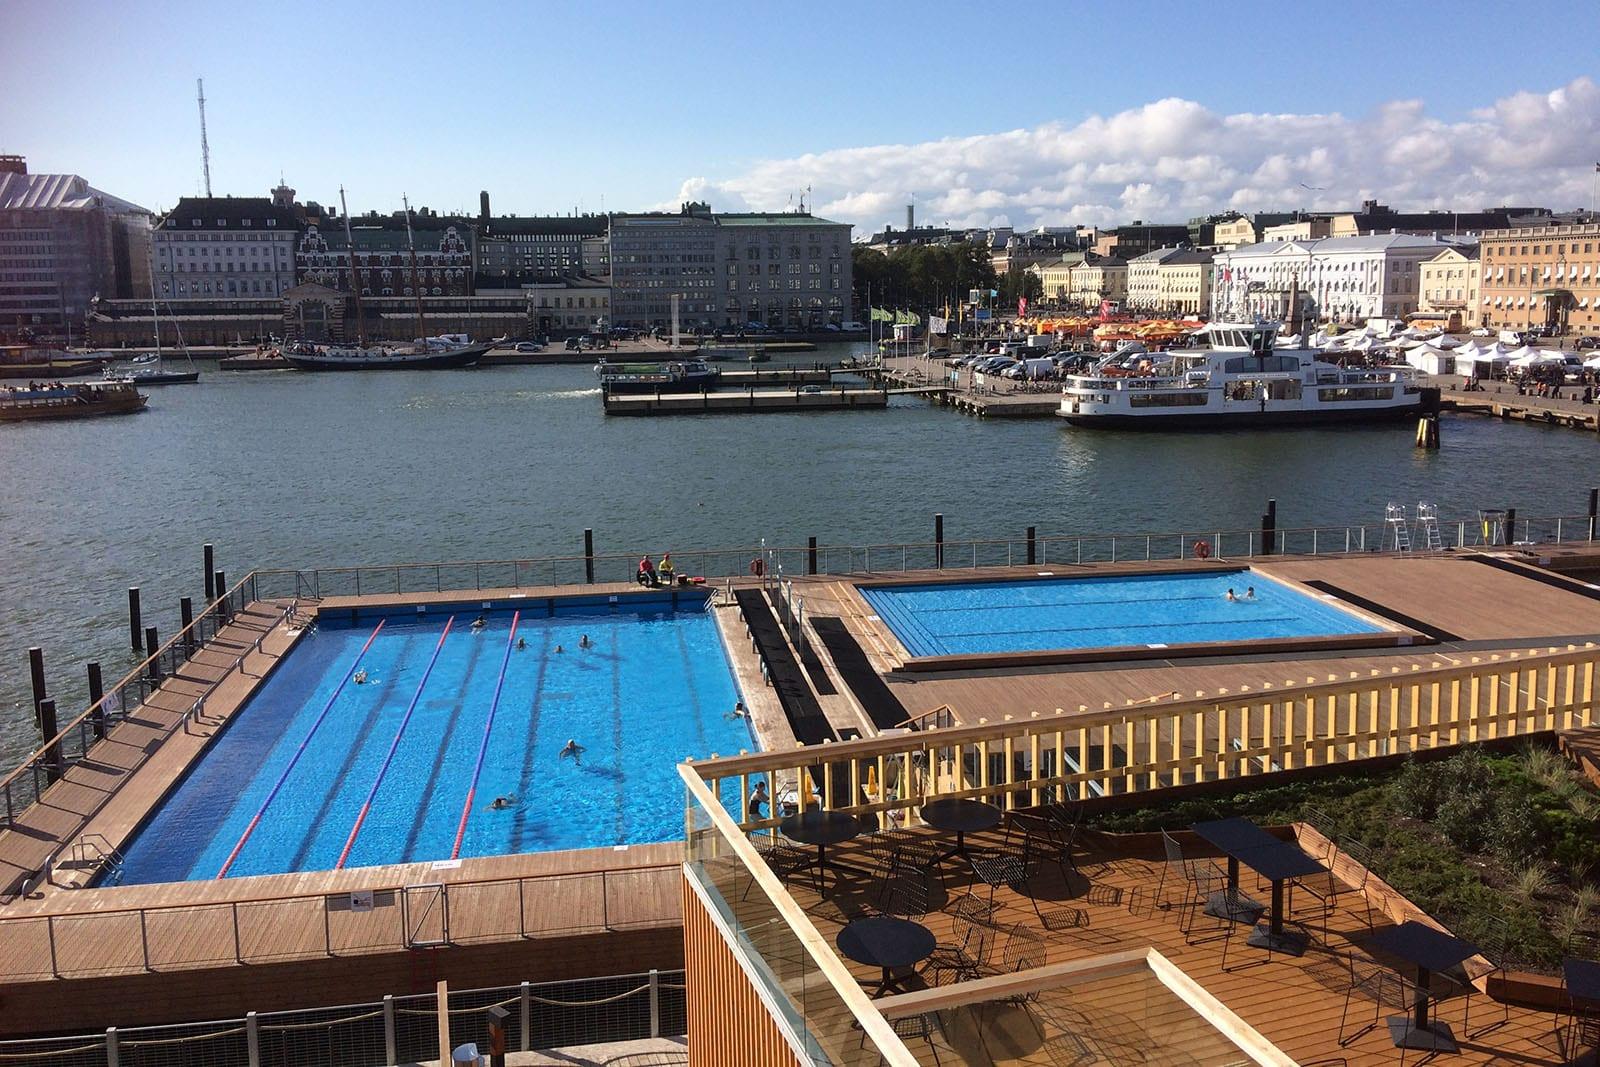 Städtereise Helsinki an inem Tag – der Ausblick von der öffentlichen Sauna ist wunderschön